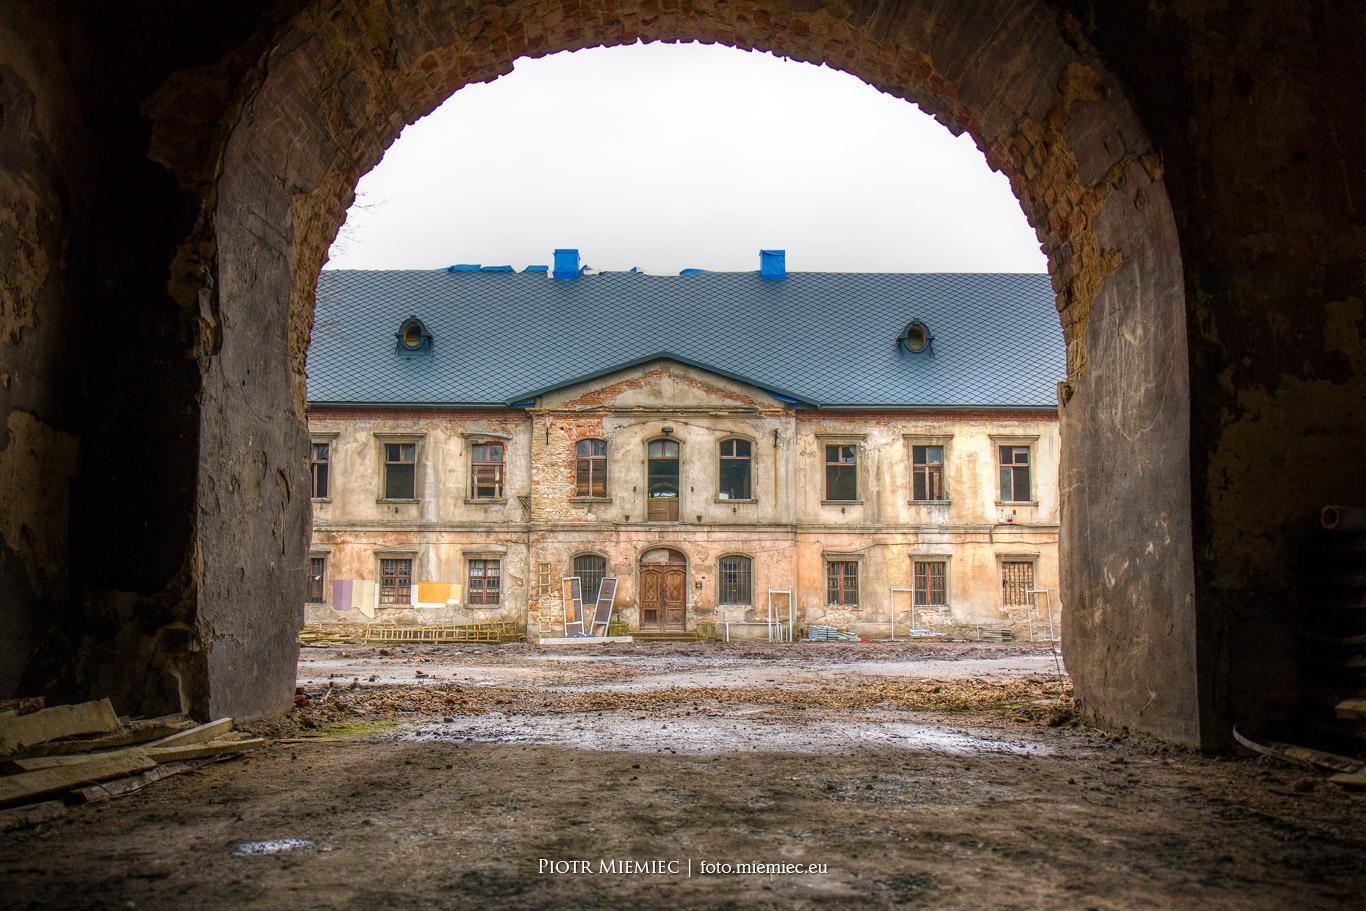 Pałac w Siemianowicach Śląskich